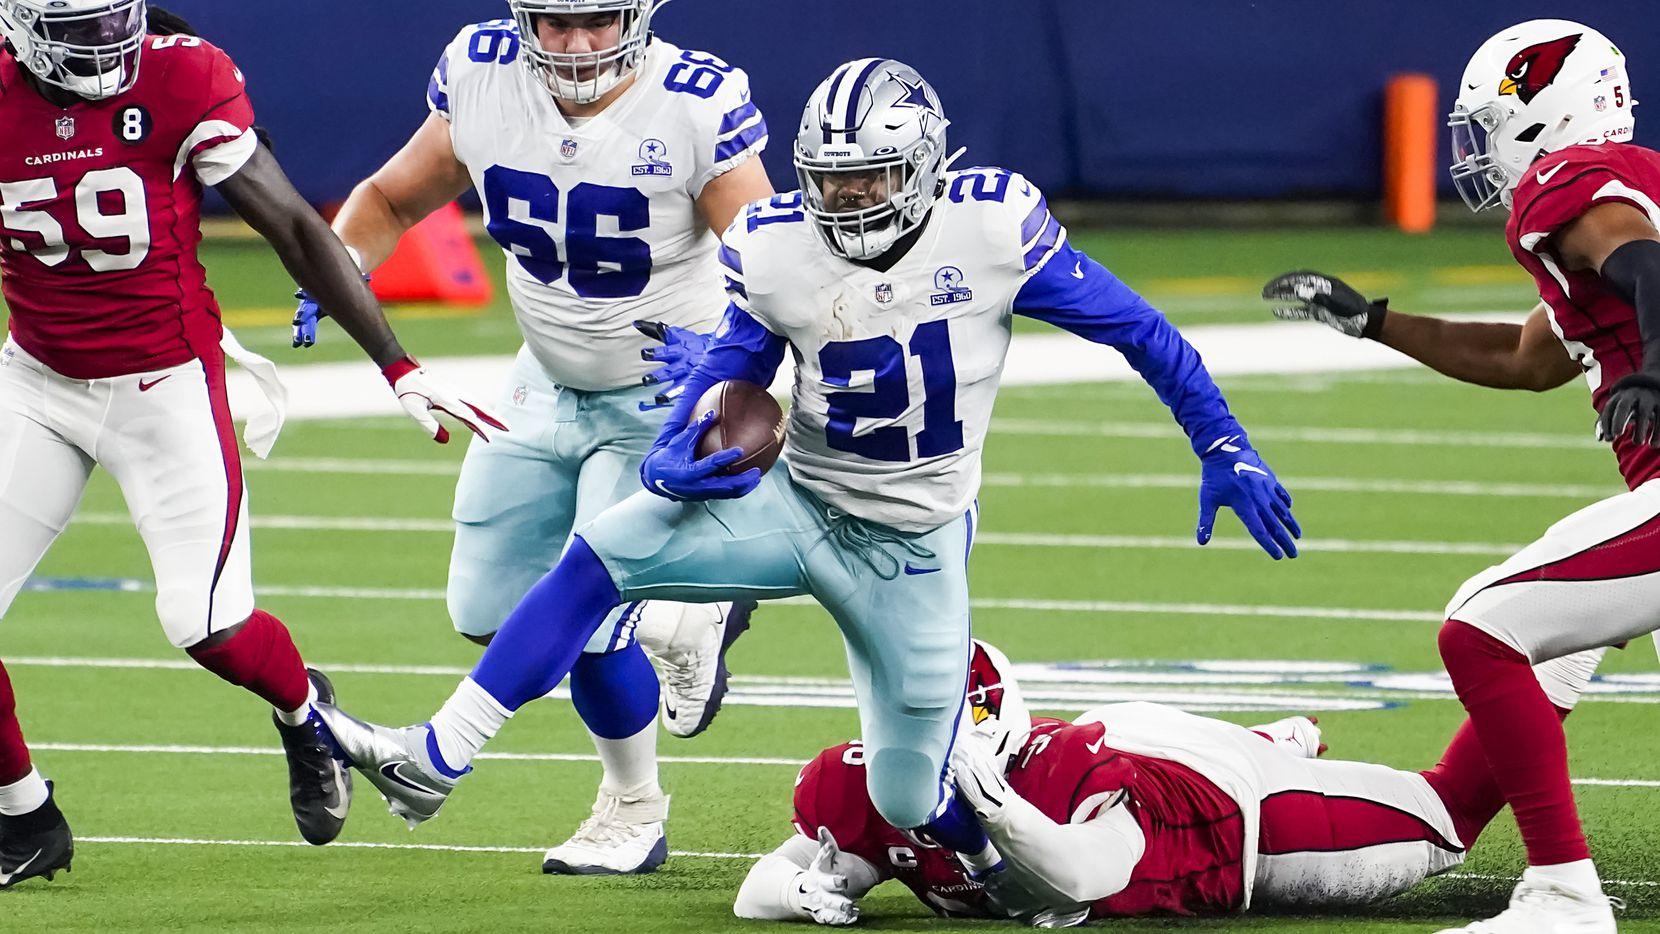 El corredor de los Dallas Cowboys, Ezekiel Elliott (21), rompe una tacleada en al juego ante los Arizona Cardinals, el 19 de octubre de 2020 en el AT&T Stadium de Arlington.